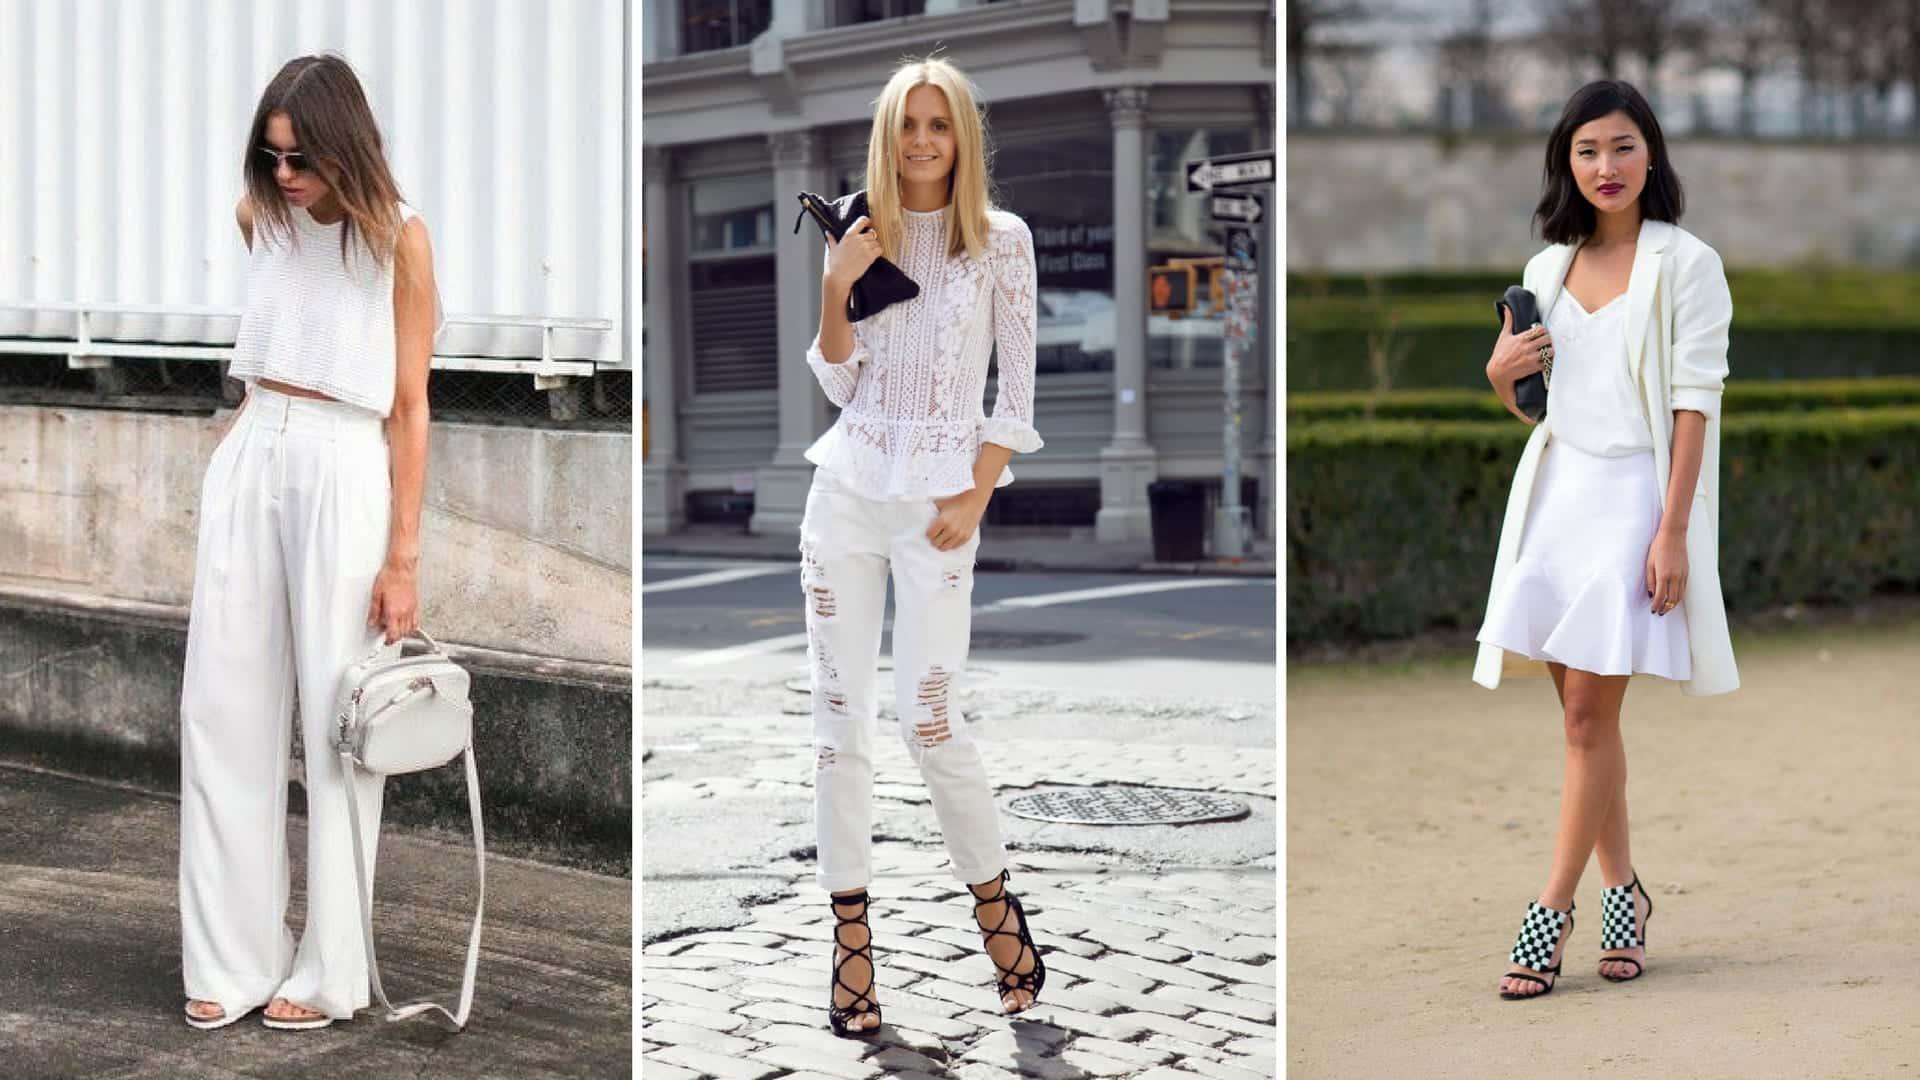 Roupas brancas - Cuidados, tendências e dicas para usá-las o ano inteiro